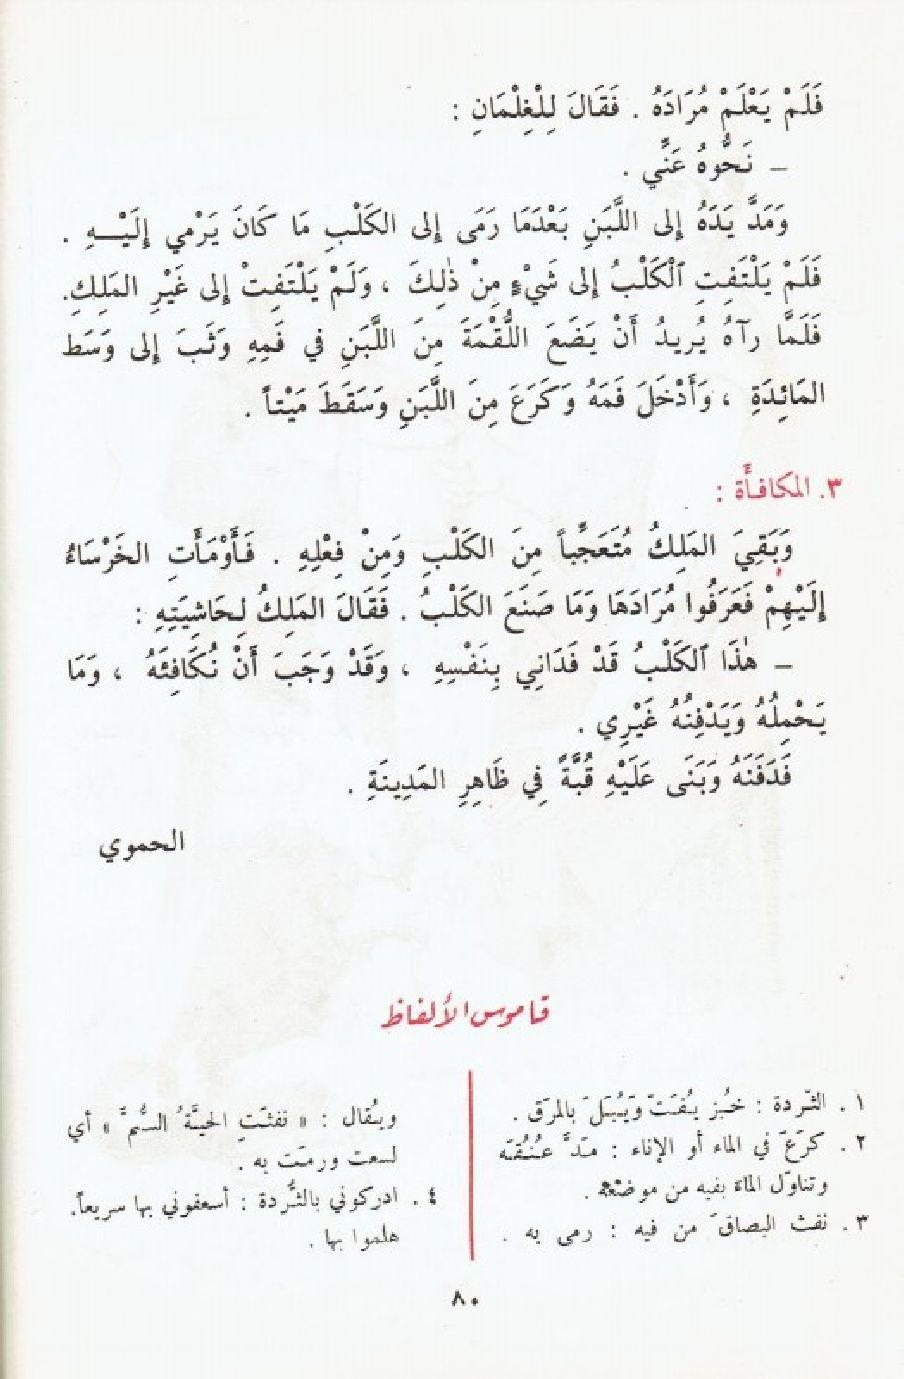 كلب أمين 002 الجديد في الأدب العربي الجزء 1 Words Math Meant To Be